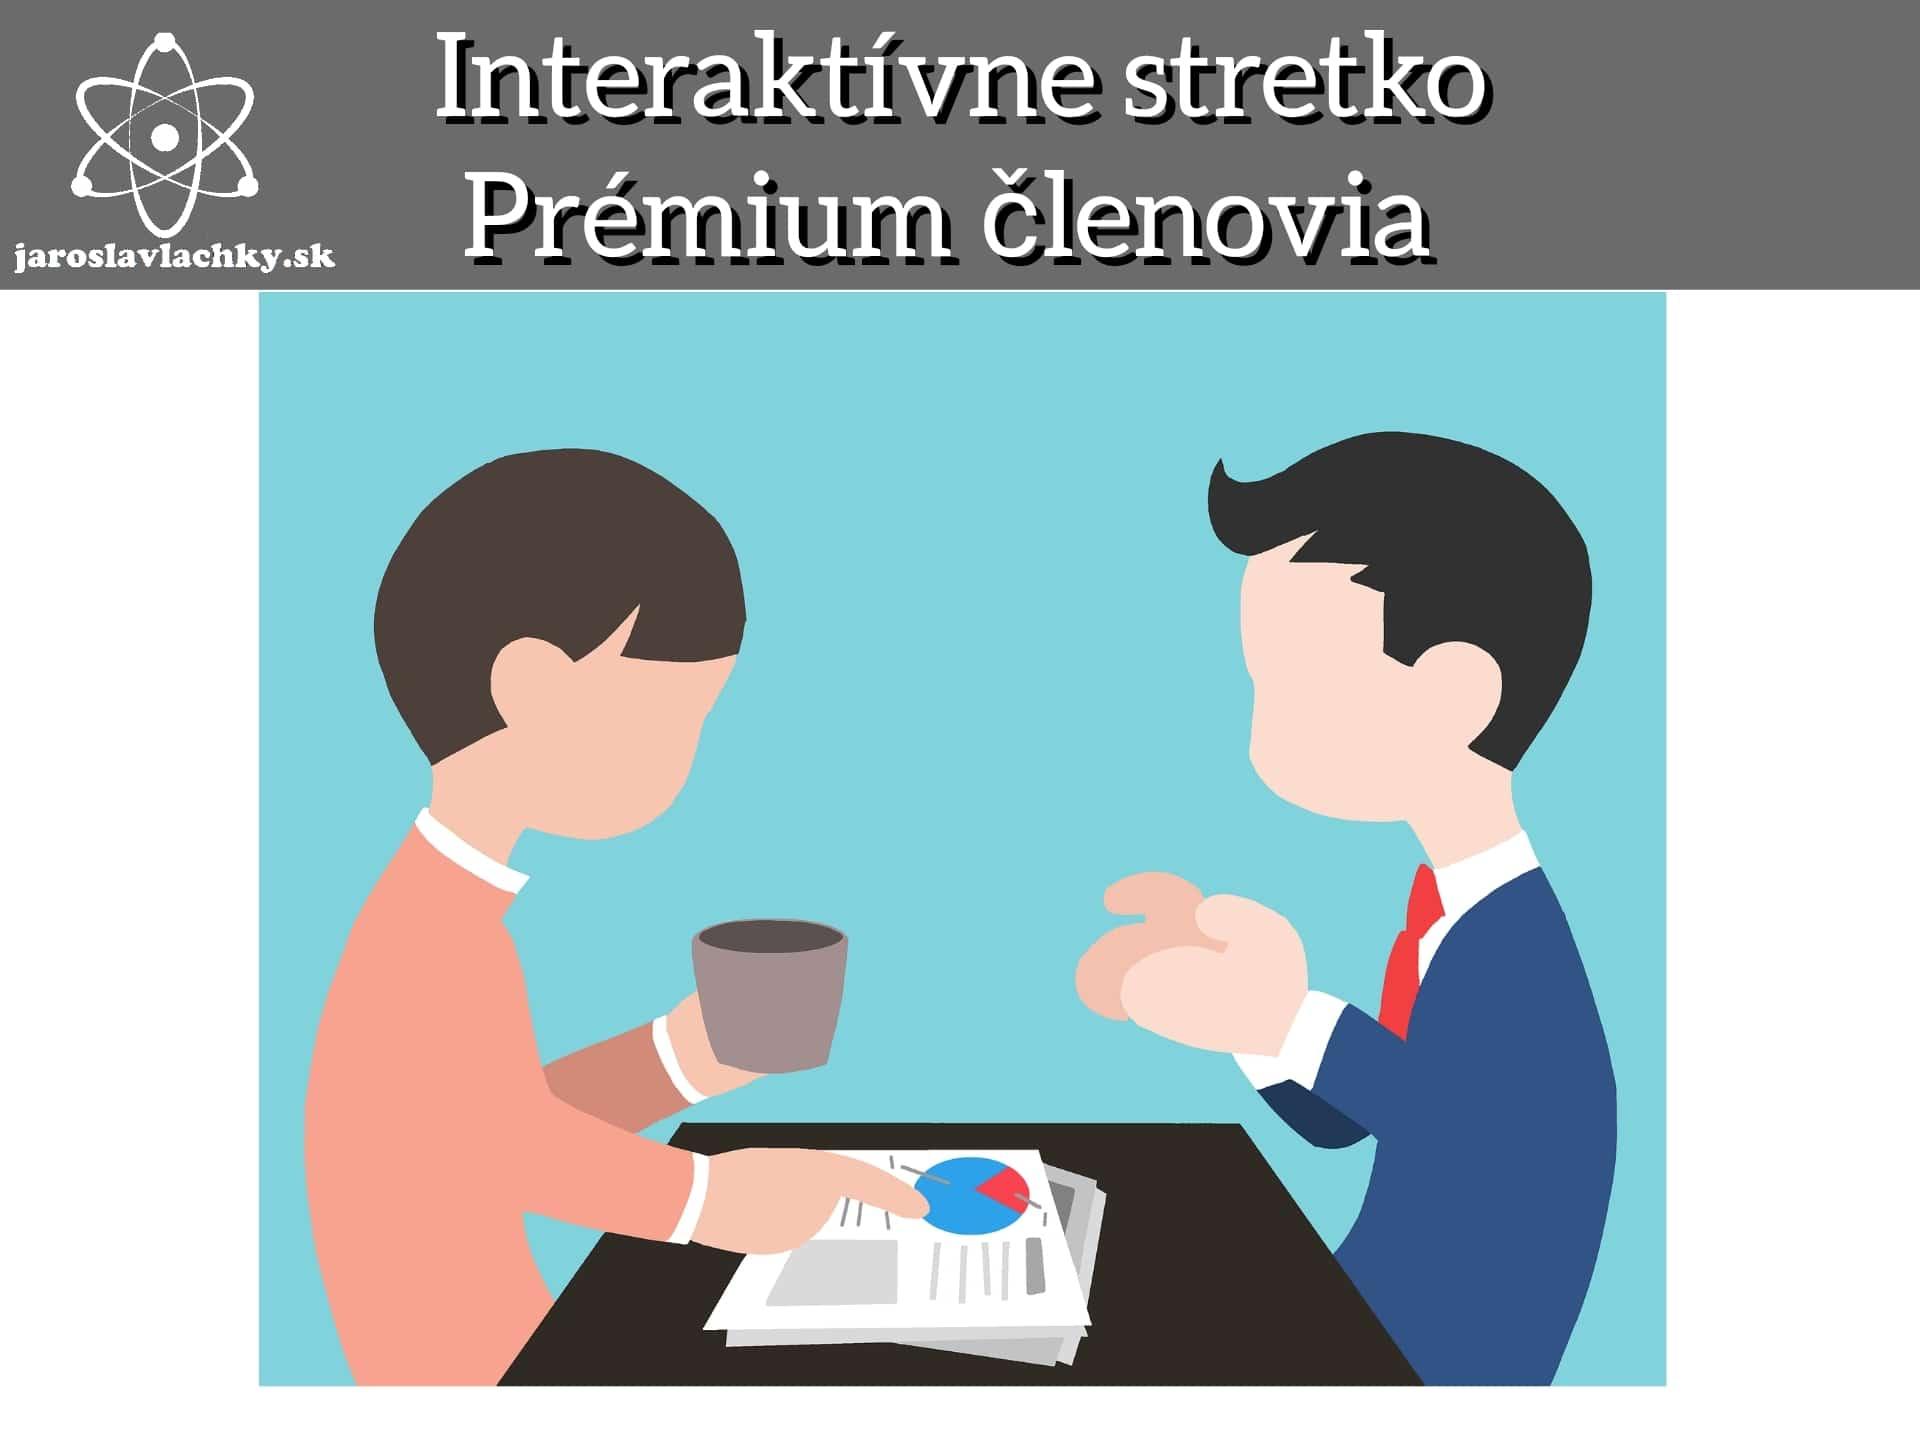 Interaktívne stretko - Prémium členov